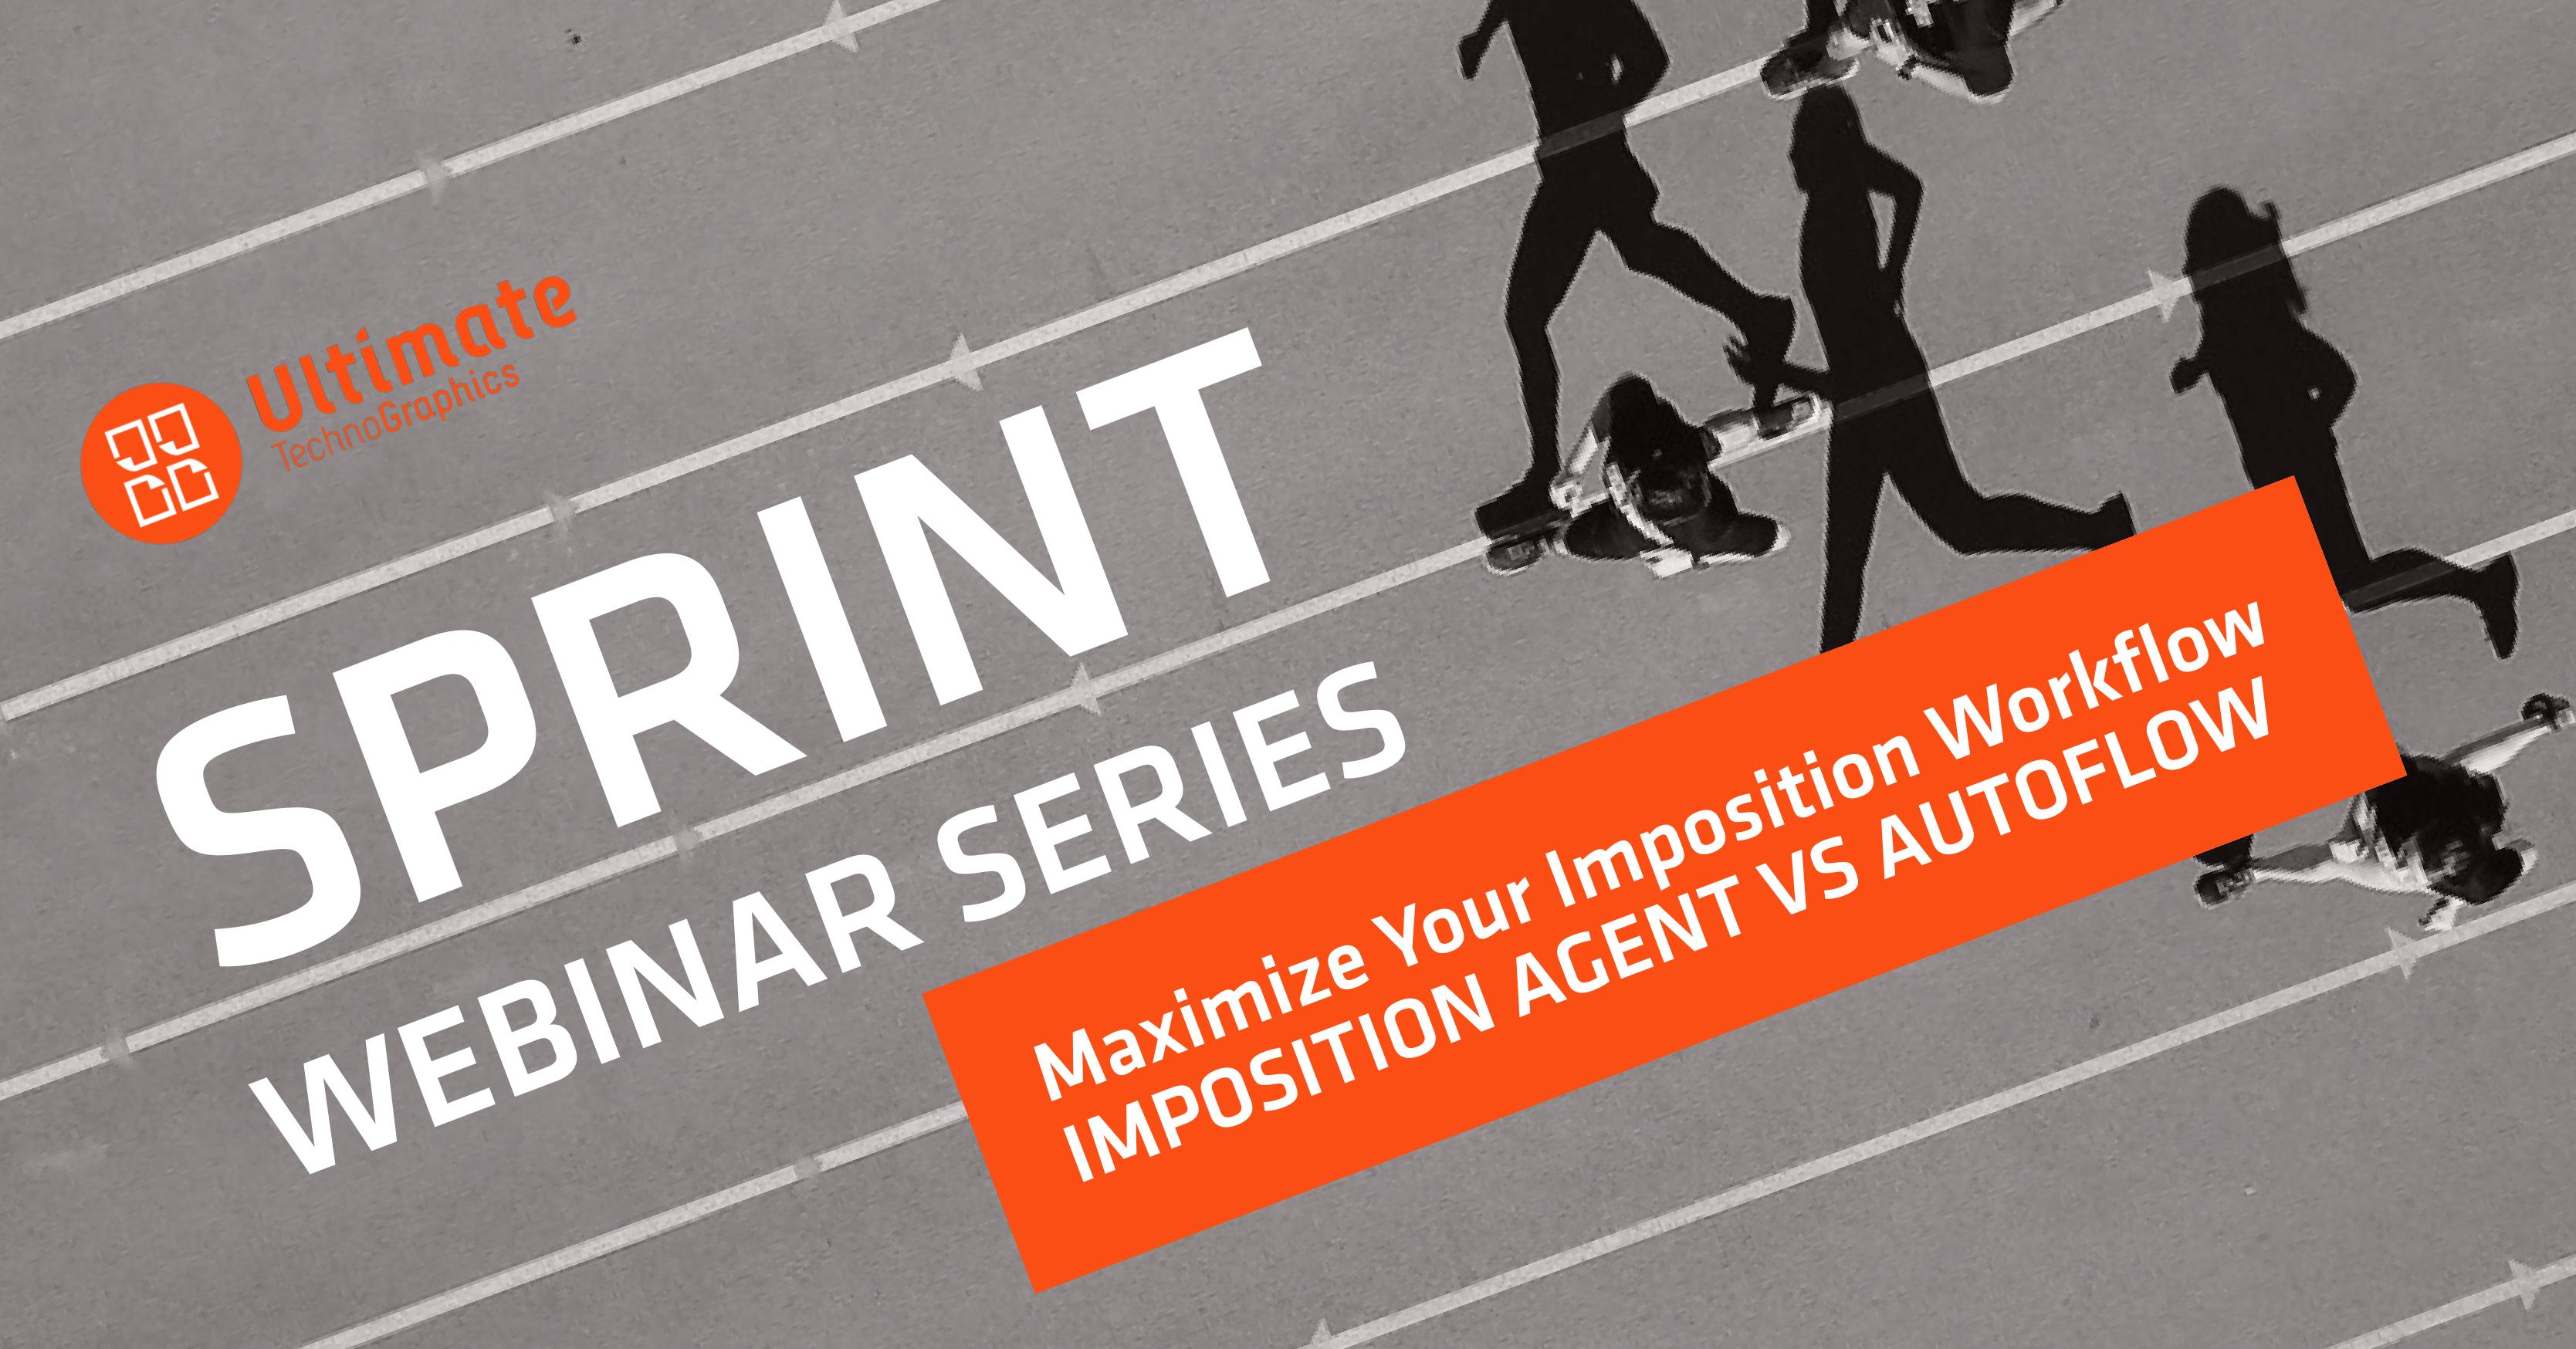 Sprint webinar: Maximize your Imposition Workflow - Imposition Agent vs AutoFlow